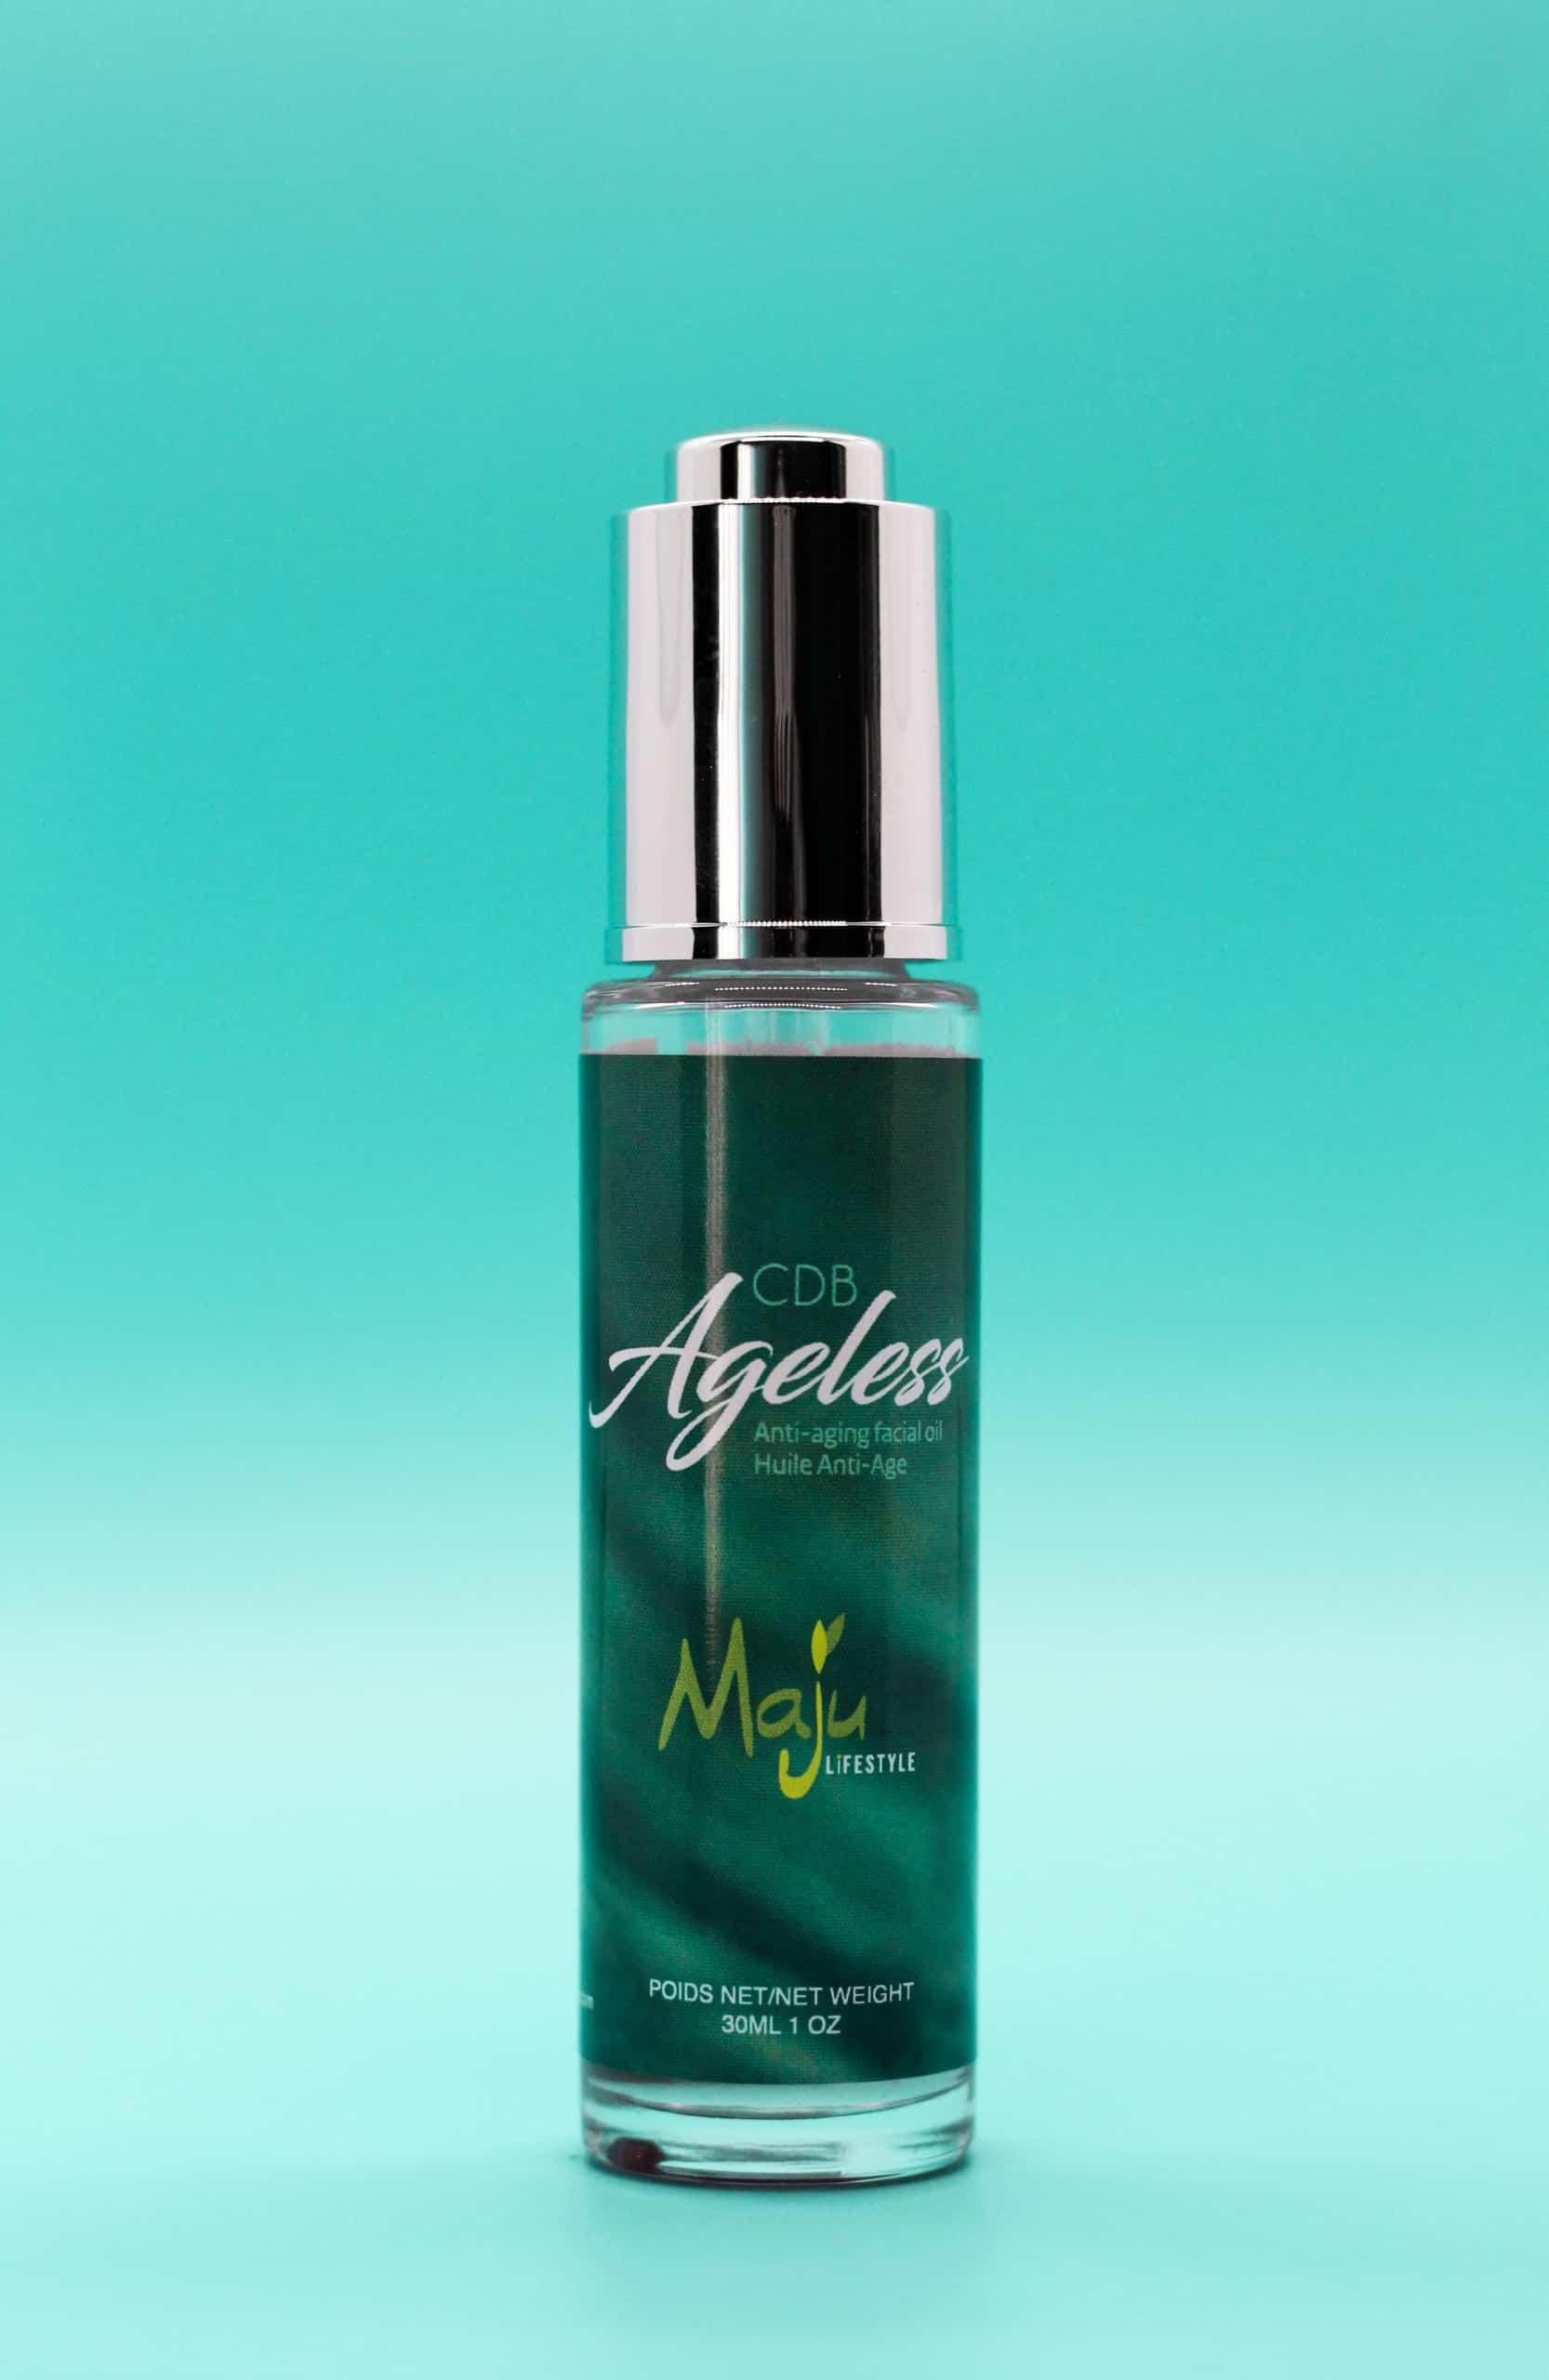 ageless facial oil